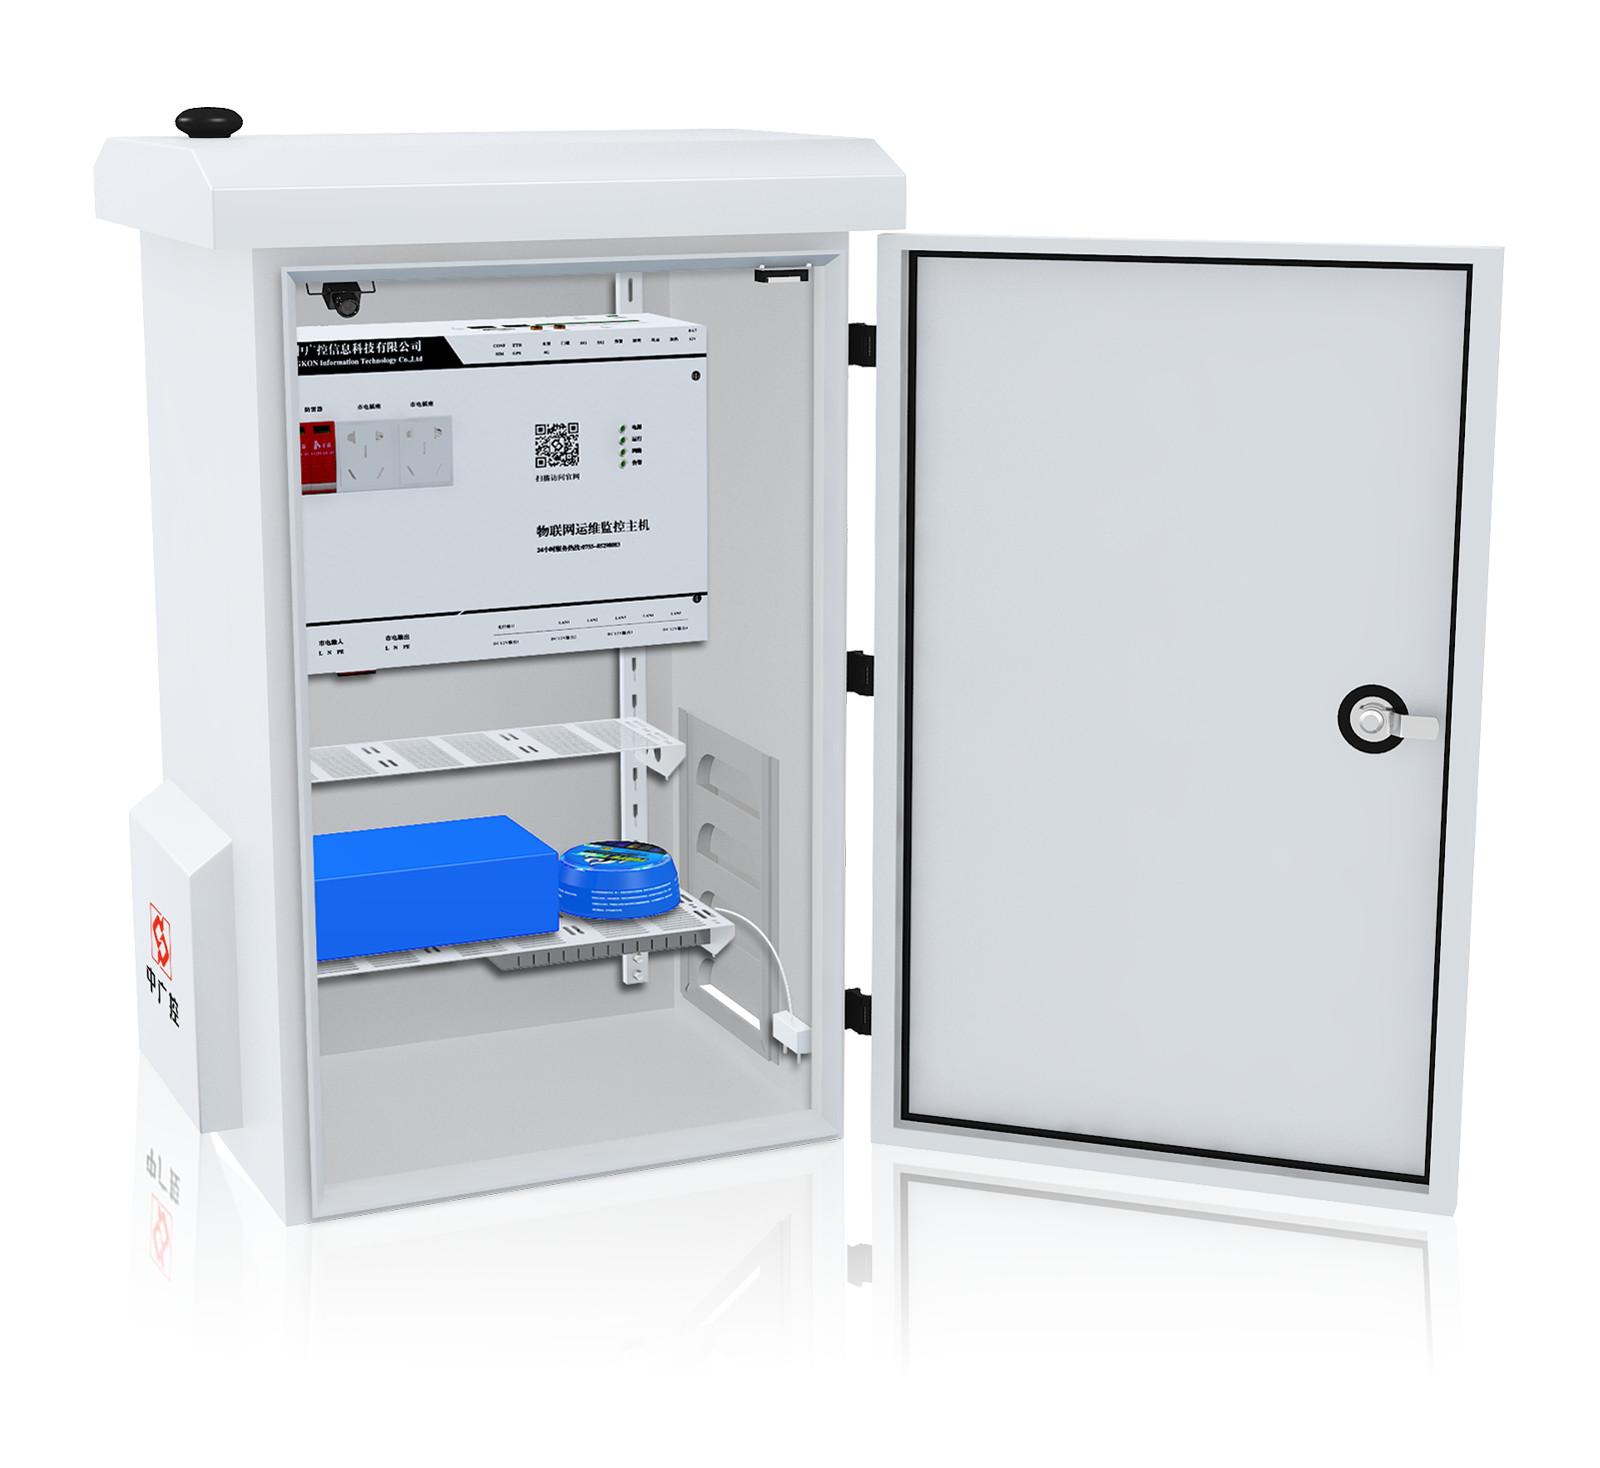 新能源物联网运维监控安防箱,智能安全运维监控箱,模块化设计,零布线安装 减少运维成本,为监控行业提供全方位的安全保障.